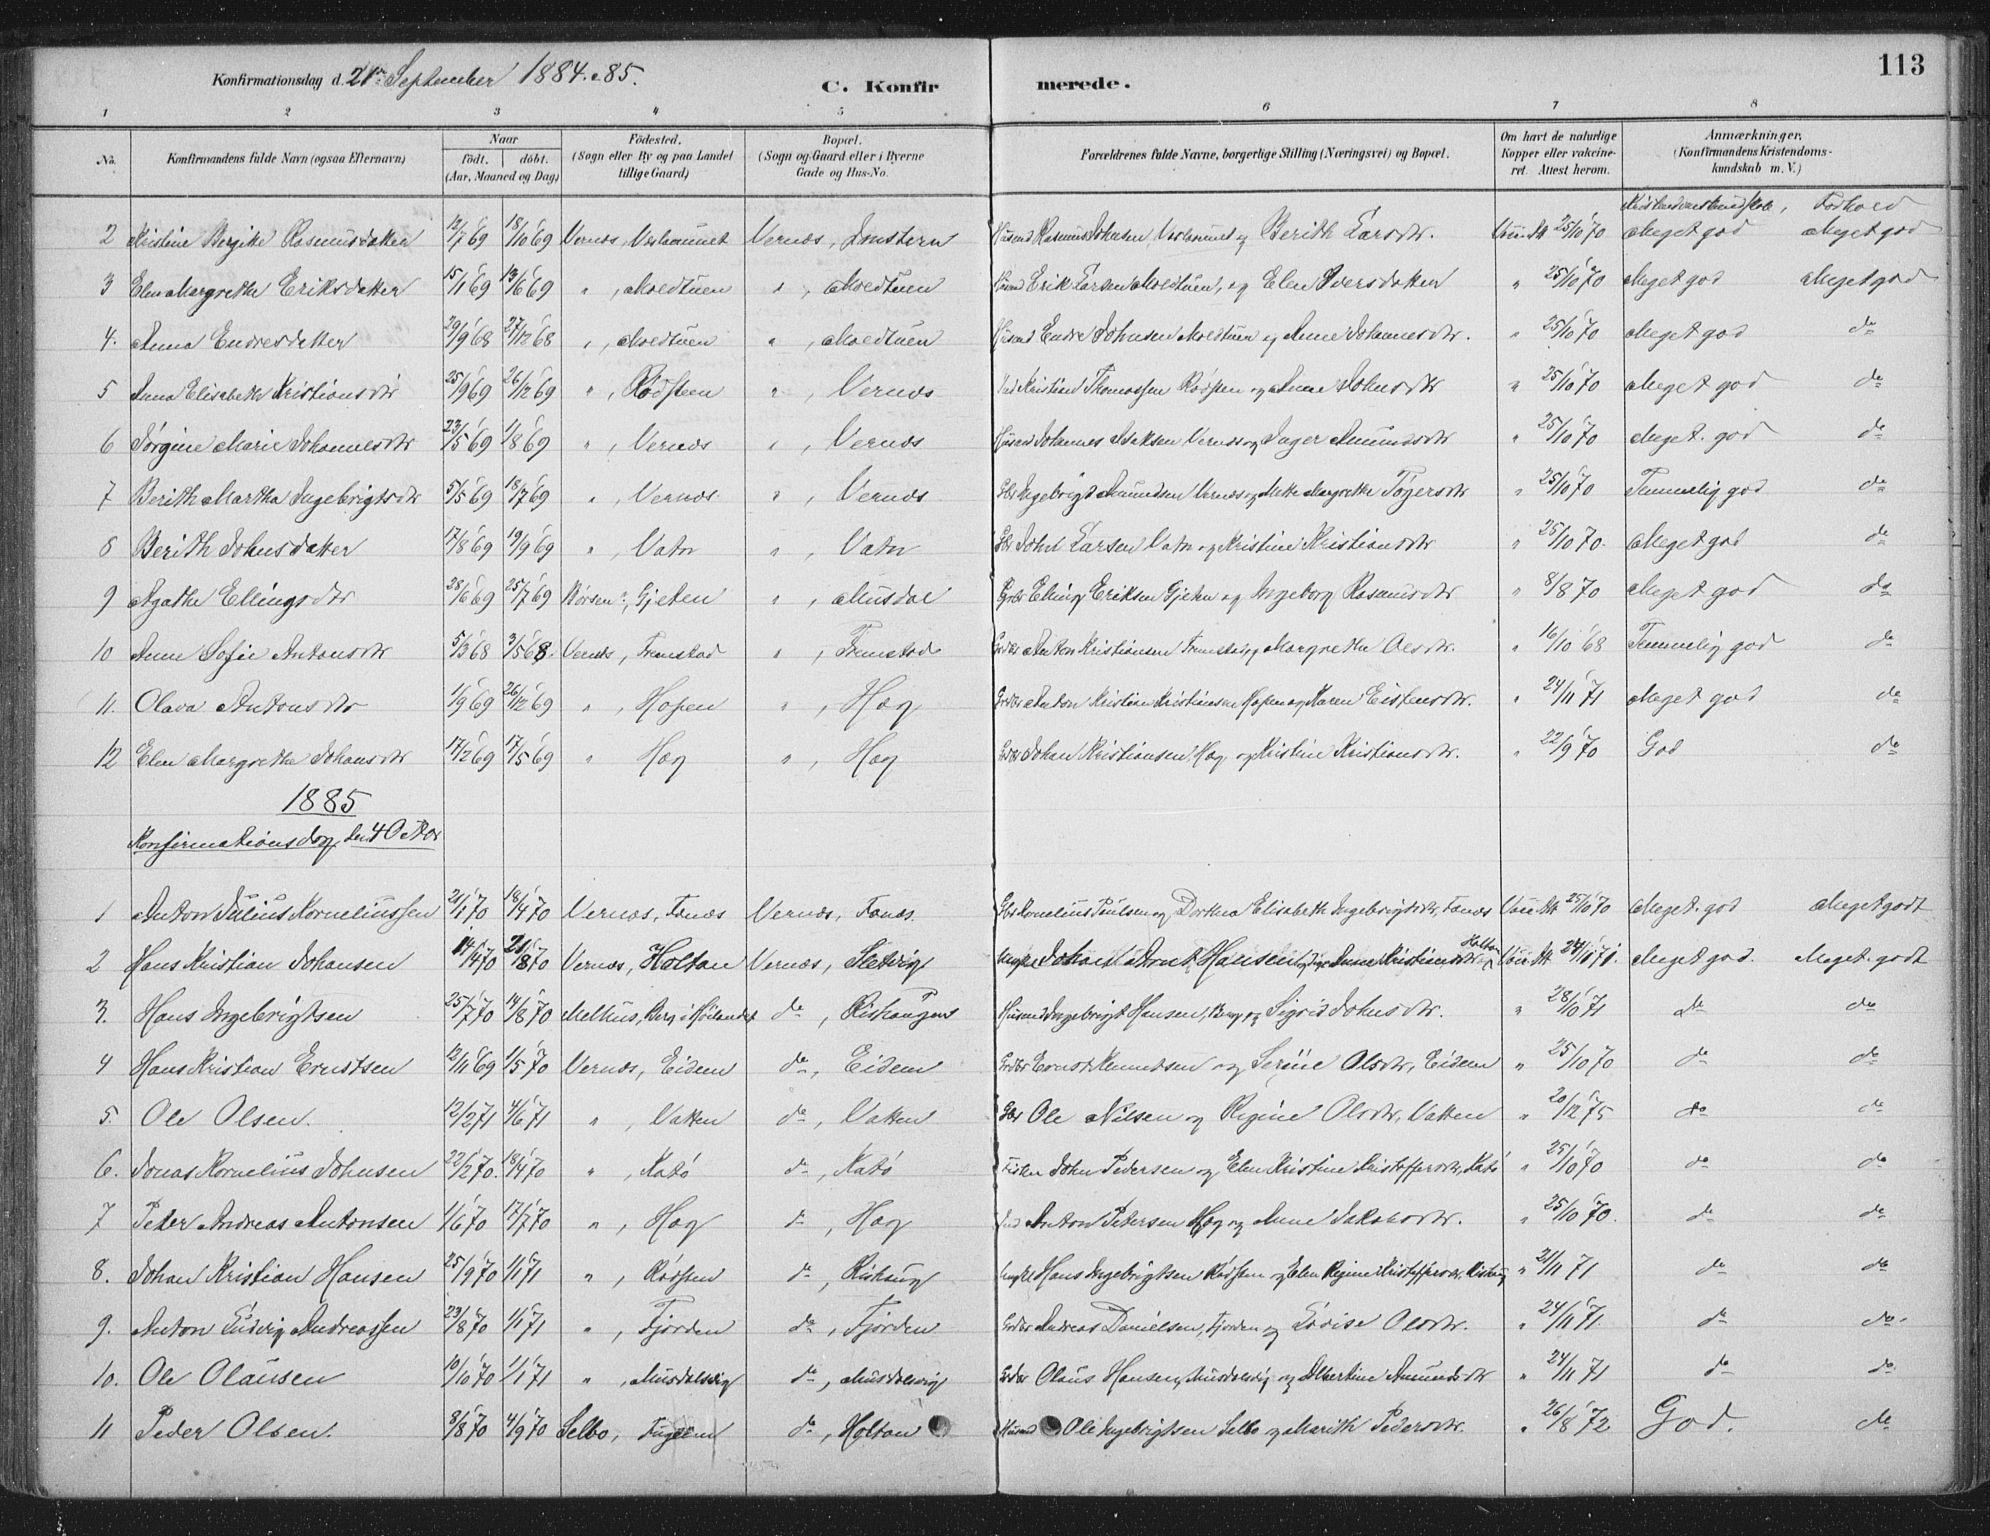 SAT, Ministerialprotokoller, klokkerbøker og fødselsregistre - Sør-Trøndelag, 662/L0755: Ministerialbok nr. 662A01, 1879-1905, s. 113